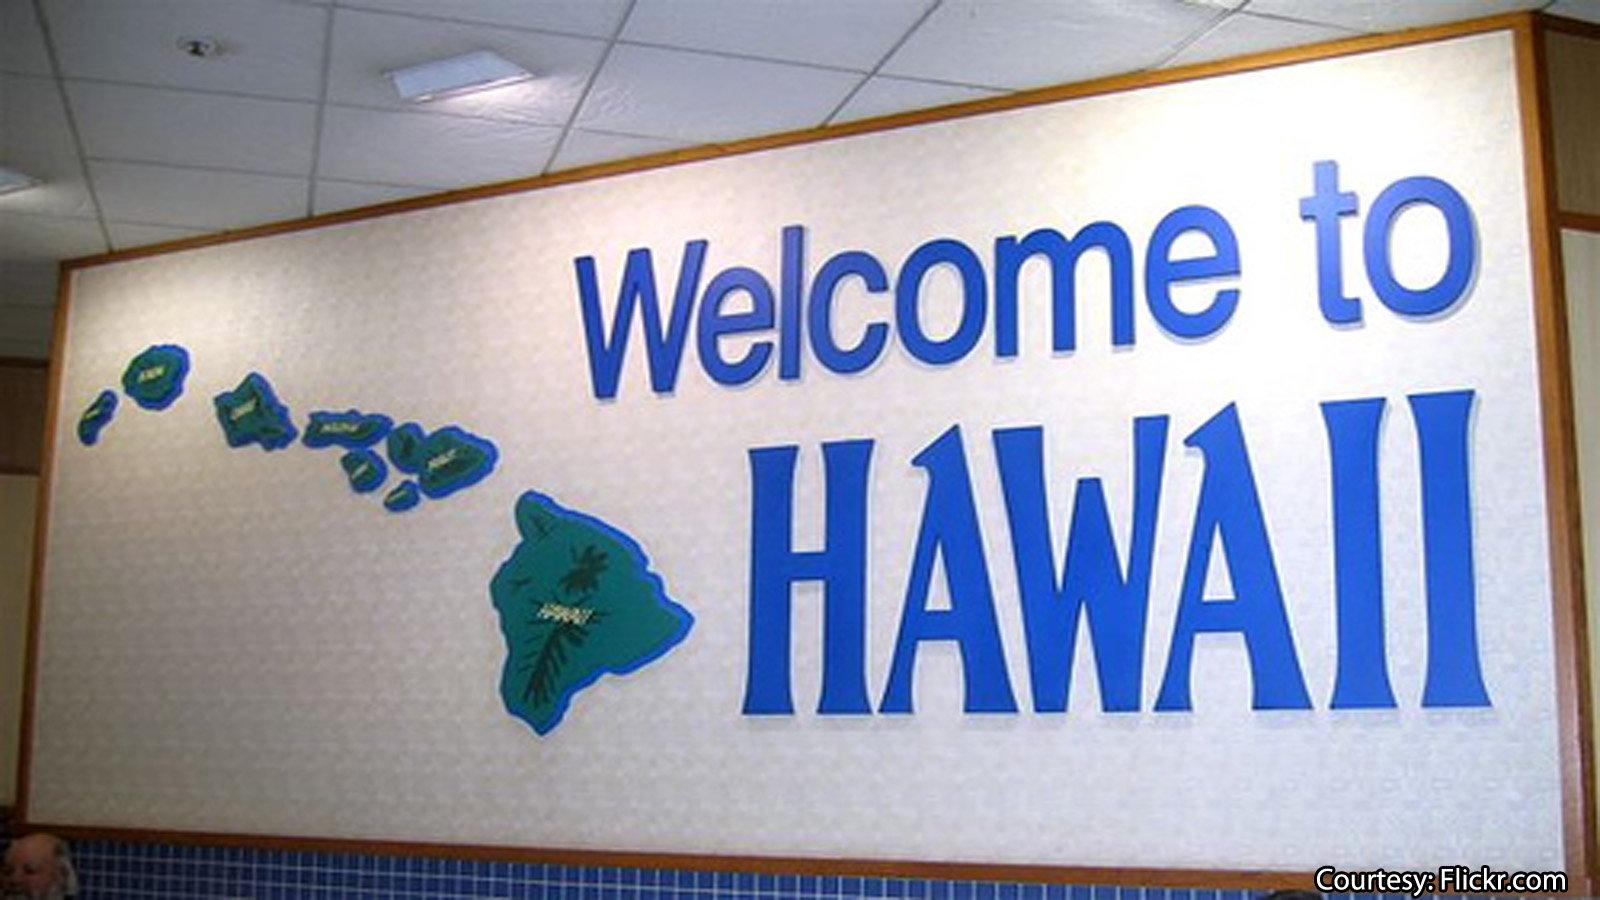 3. Hawaii